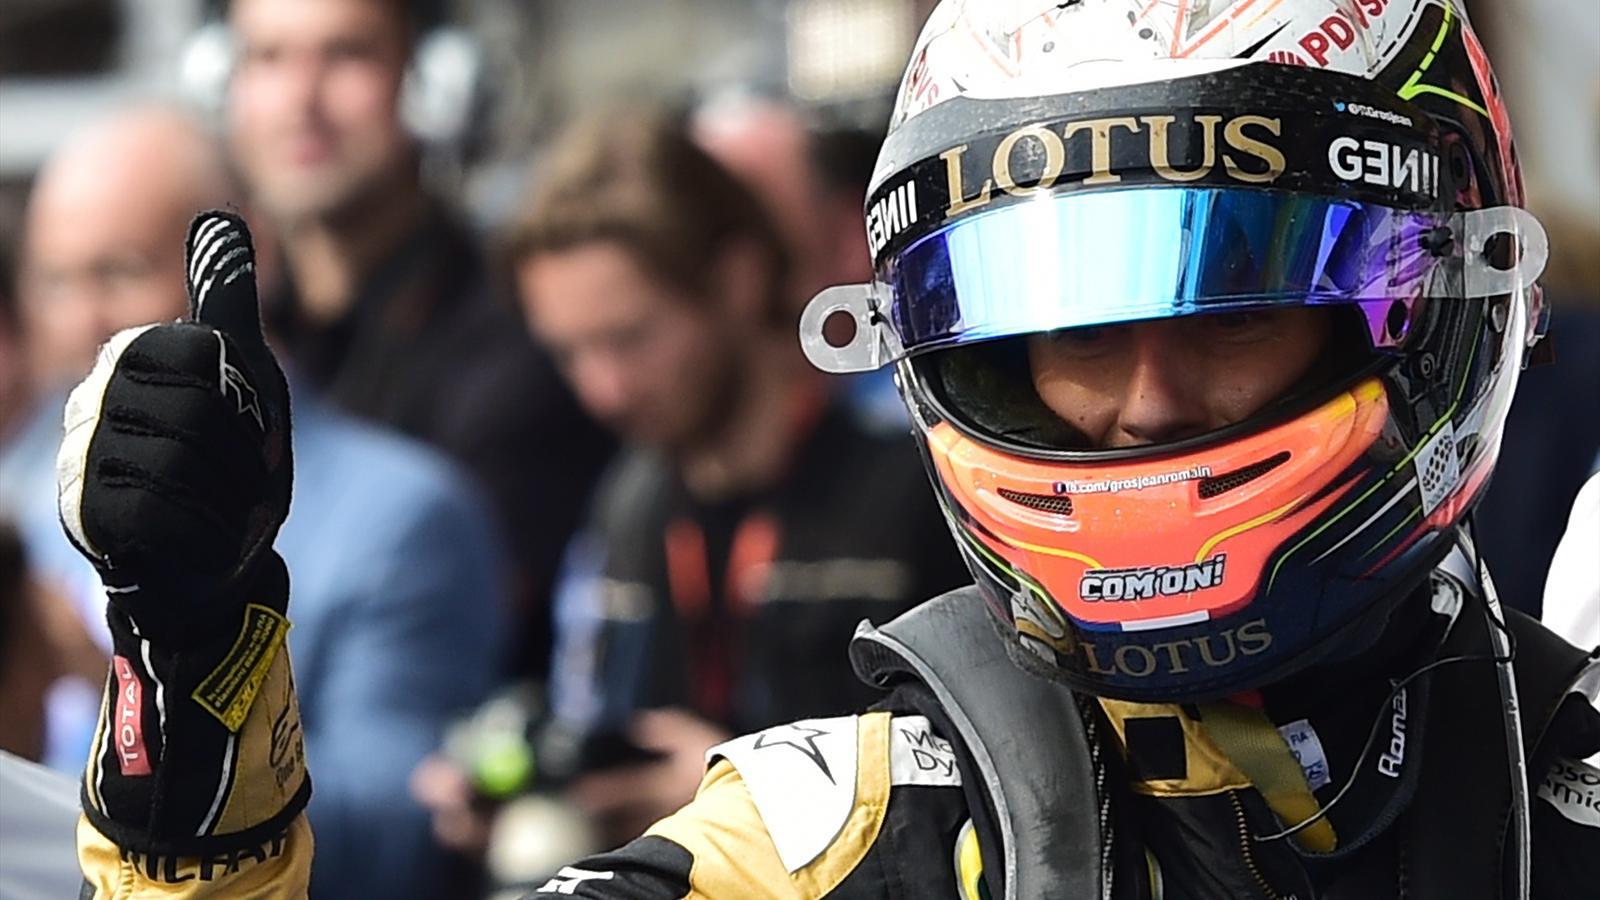 Romain Grosjean (Lotus), heureux avant de monter sur le podium à Spa-Francorchamps